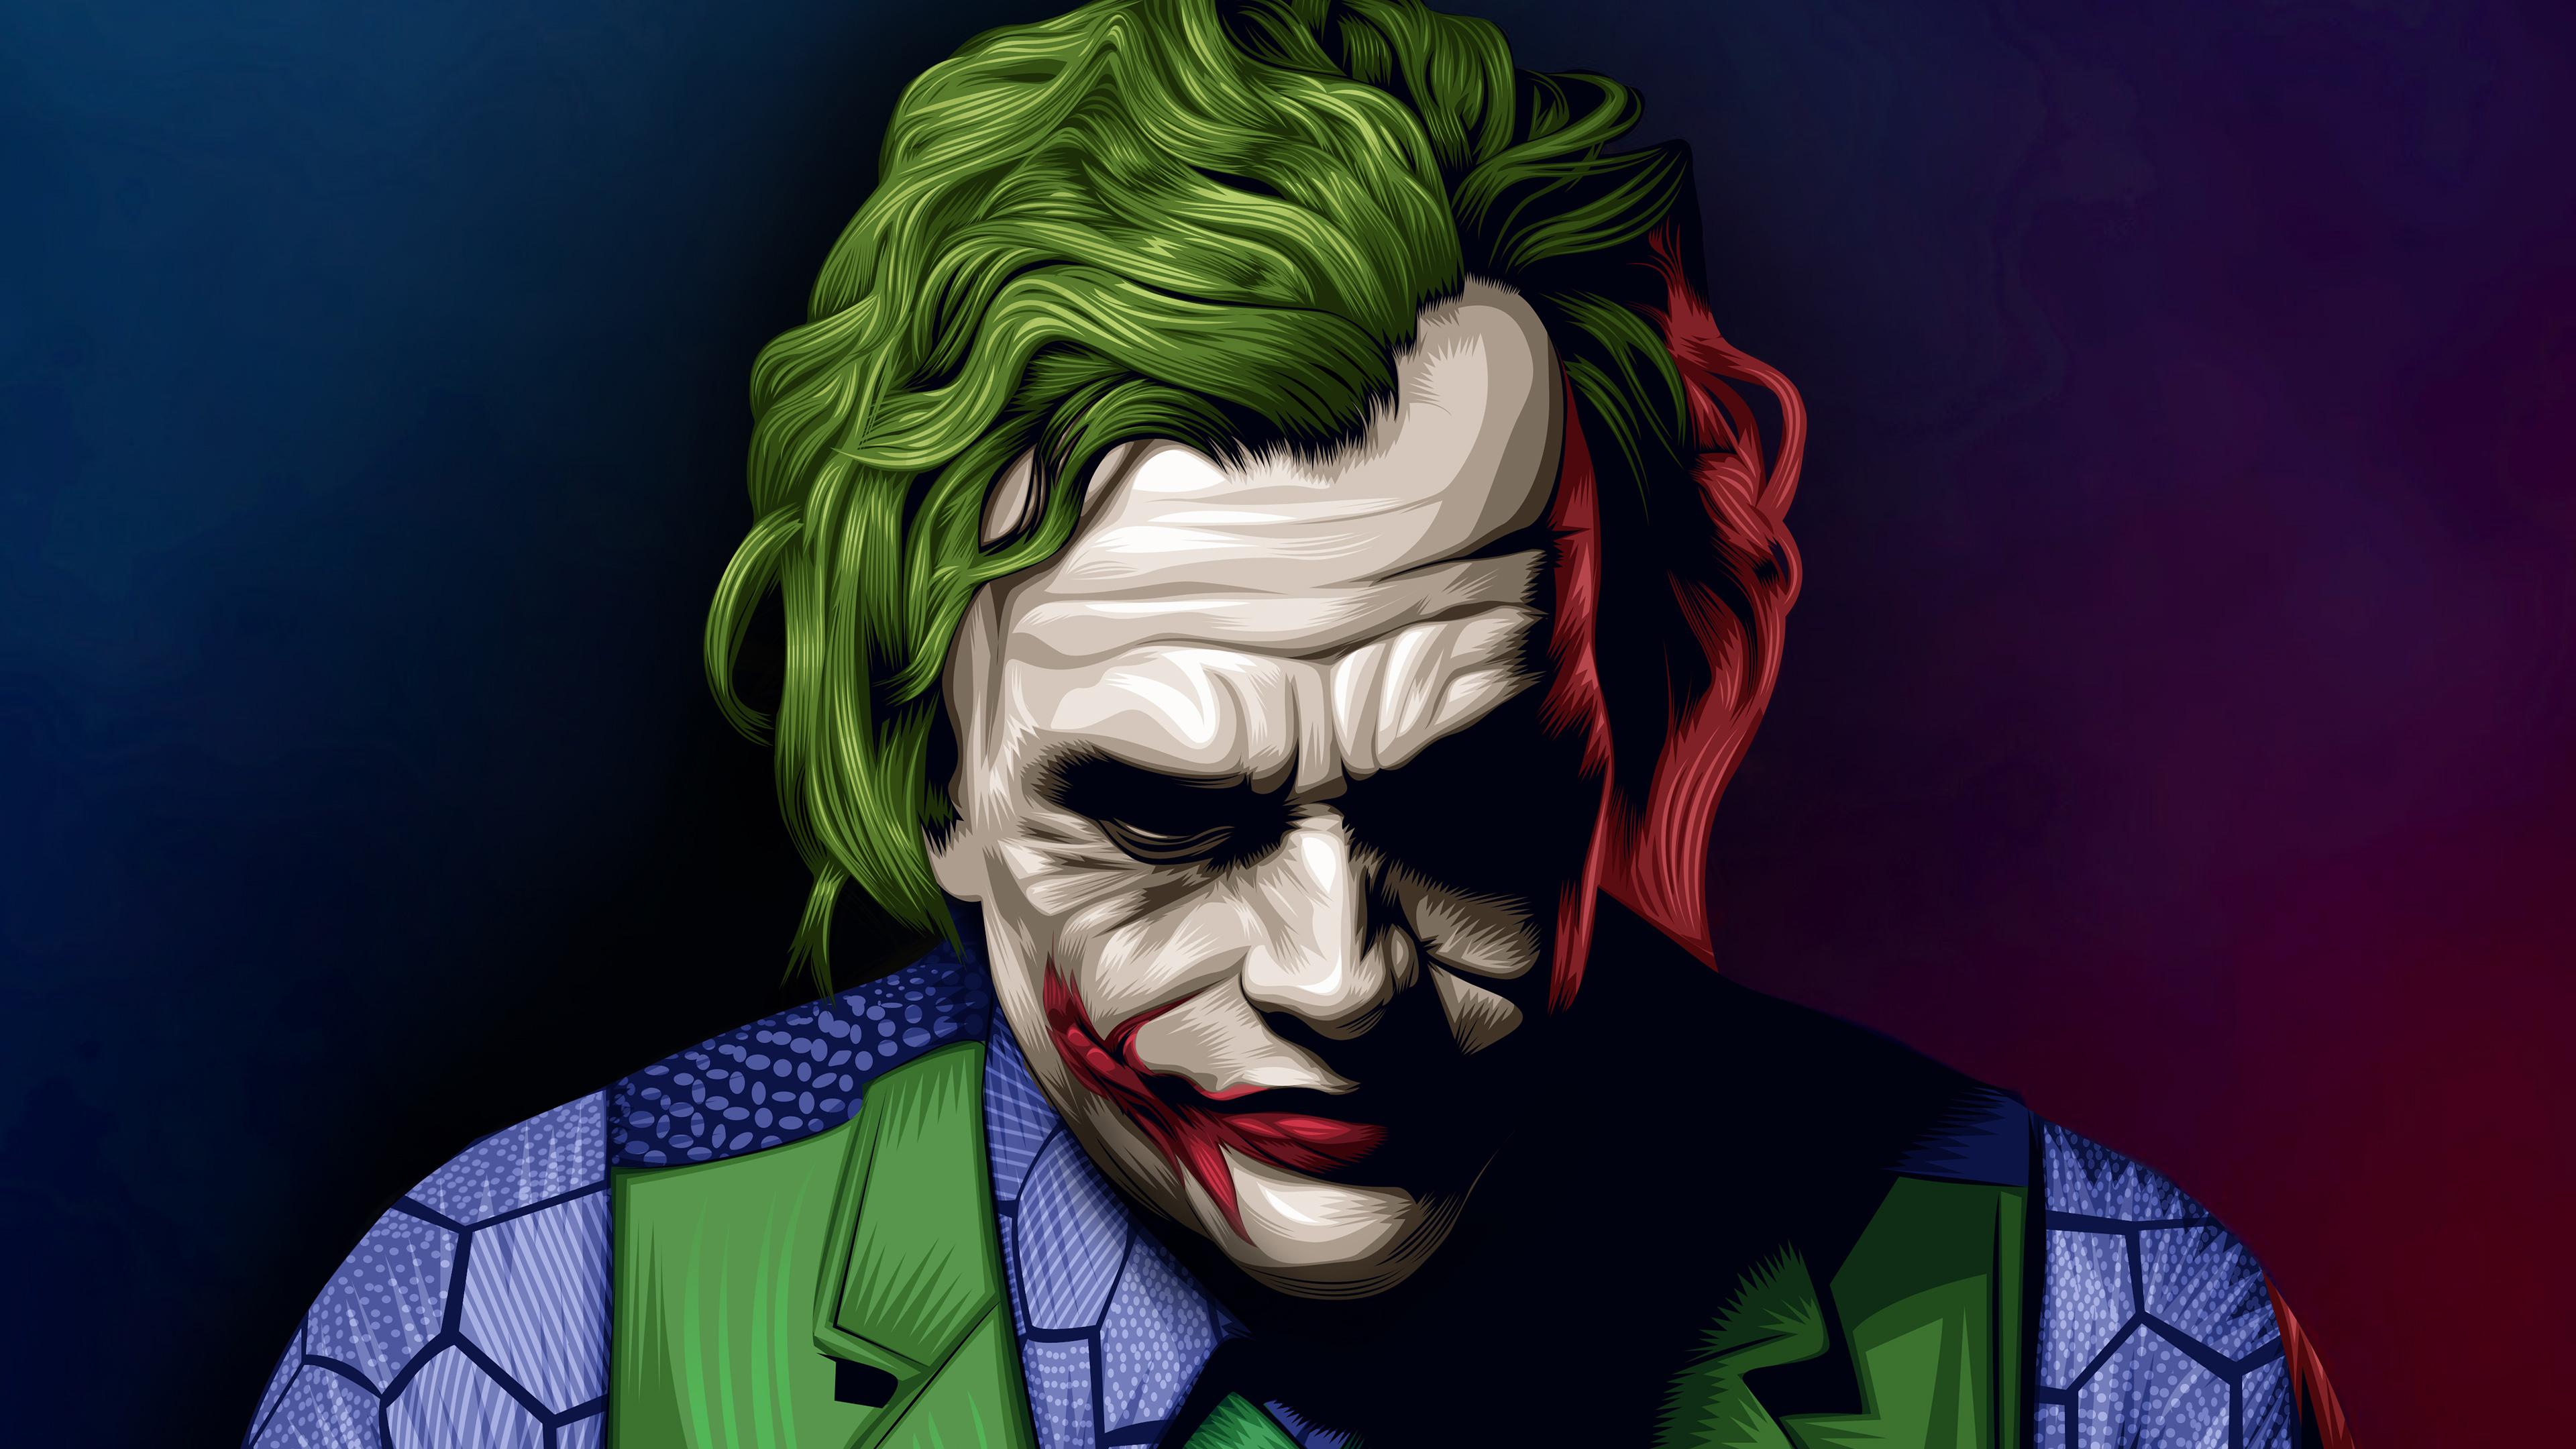 Joker Heath Ledger Illustration Artwork 4k Wallpaper Best